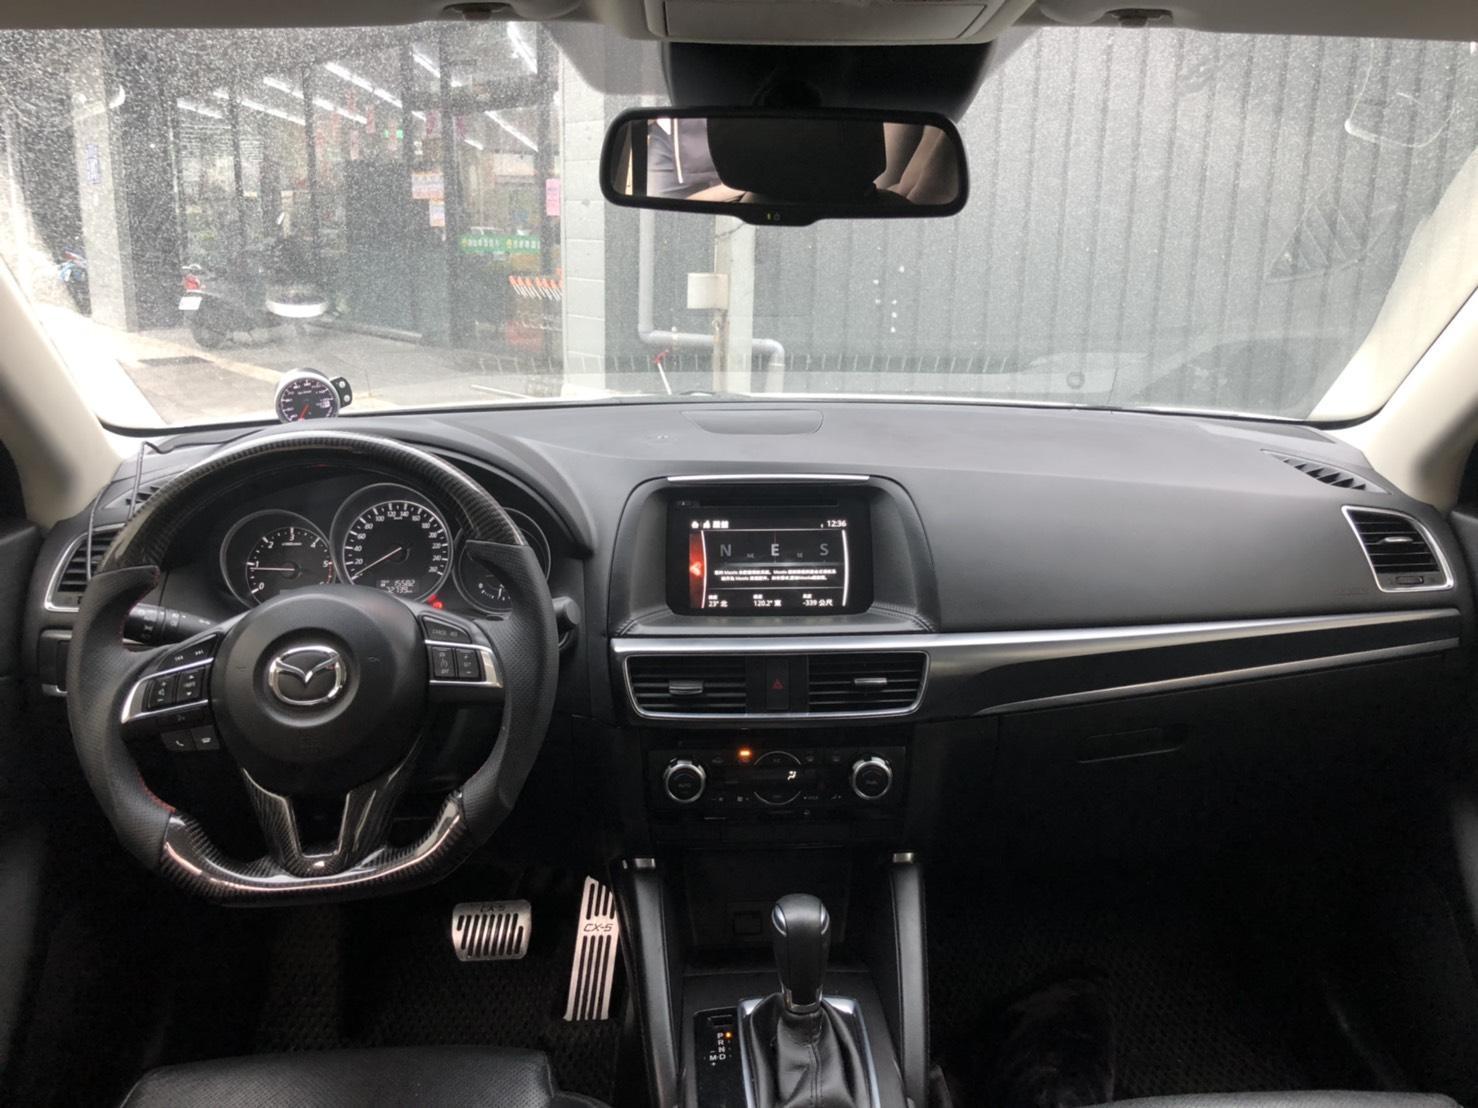 CX-5 頂配 全額貸 免頭款 低利率 找錢 車換車